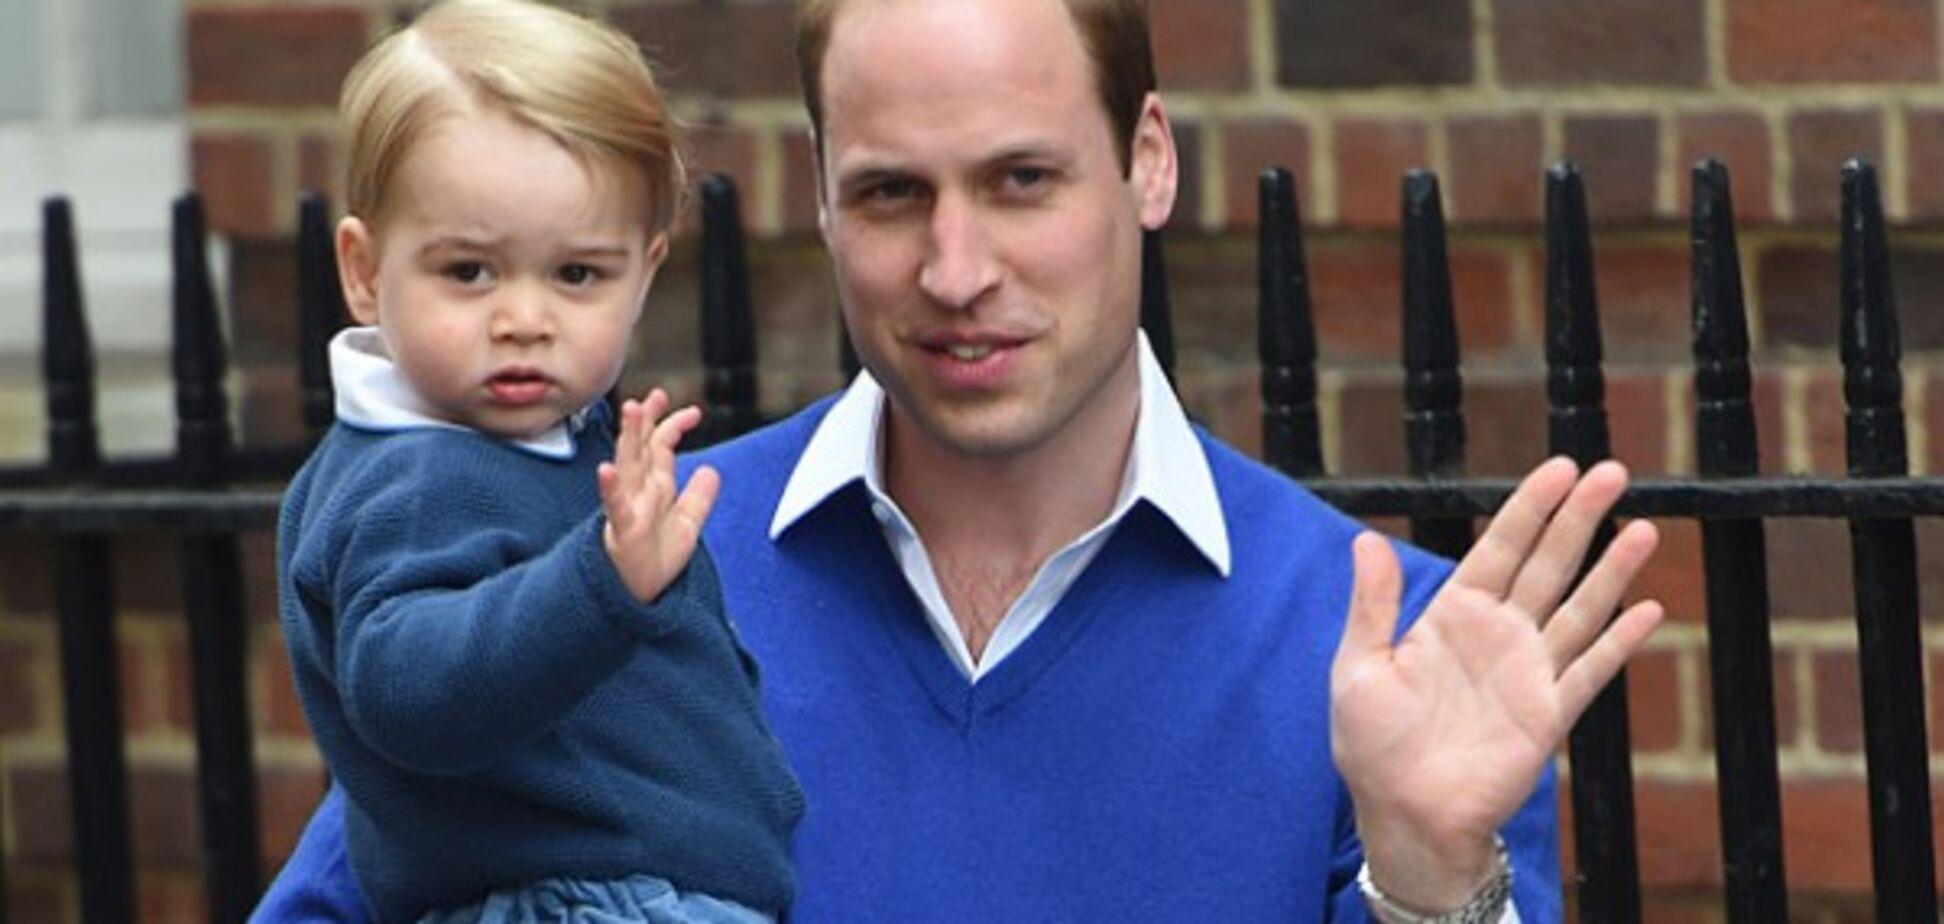 В одежде королевской семьи Британии подметили странность: о чем речь